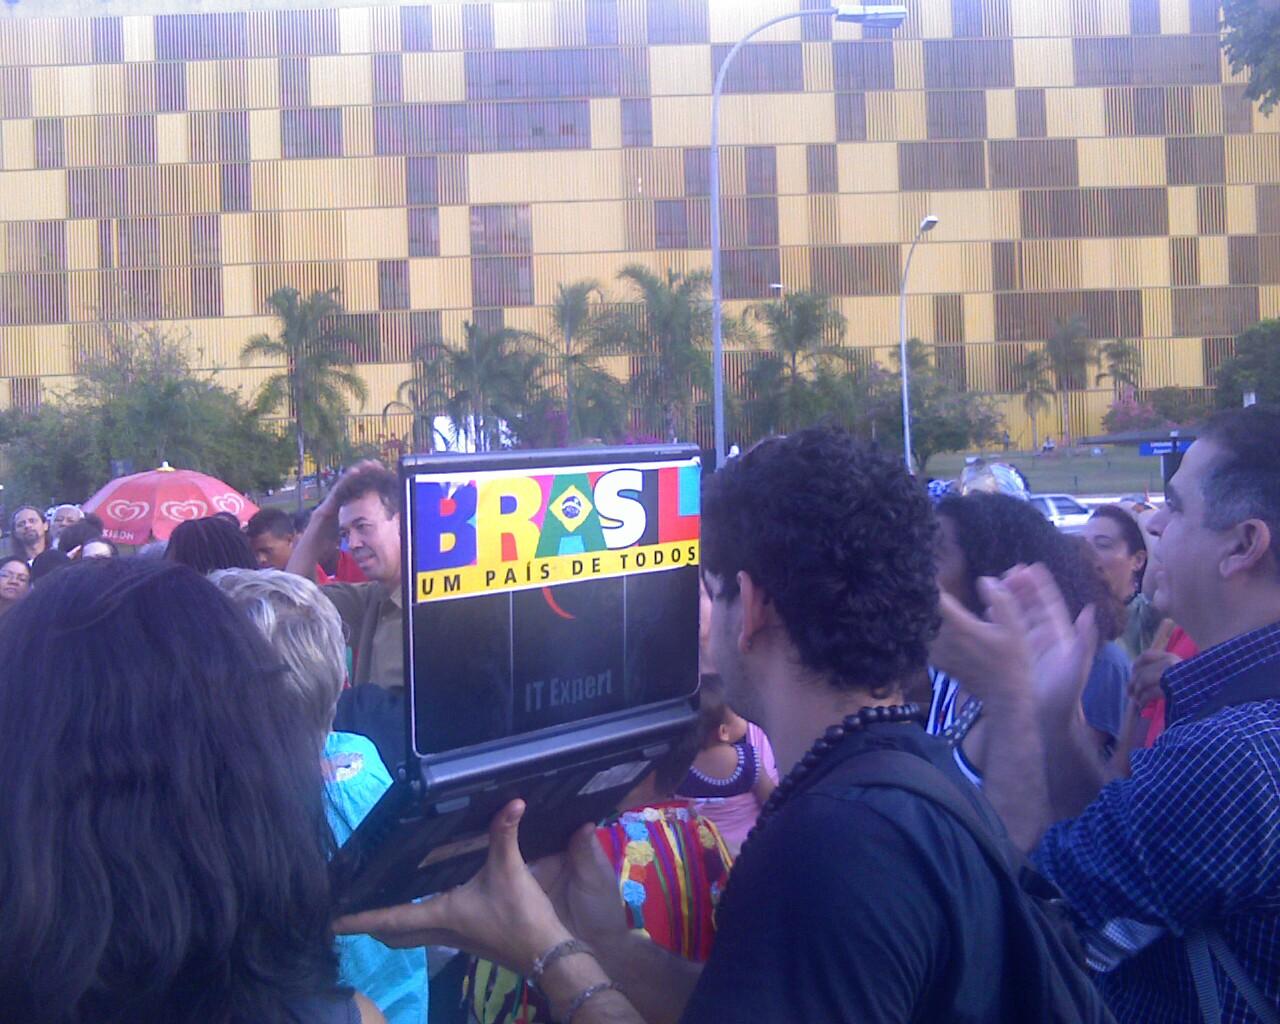 O @leu_oliveira est transmitindo a caravana dos @pontosdecultura (as vezes cai) #siga